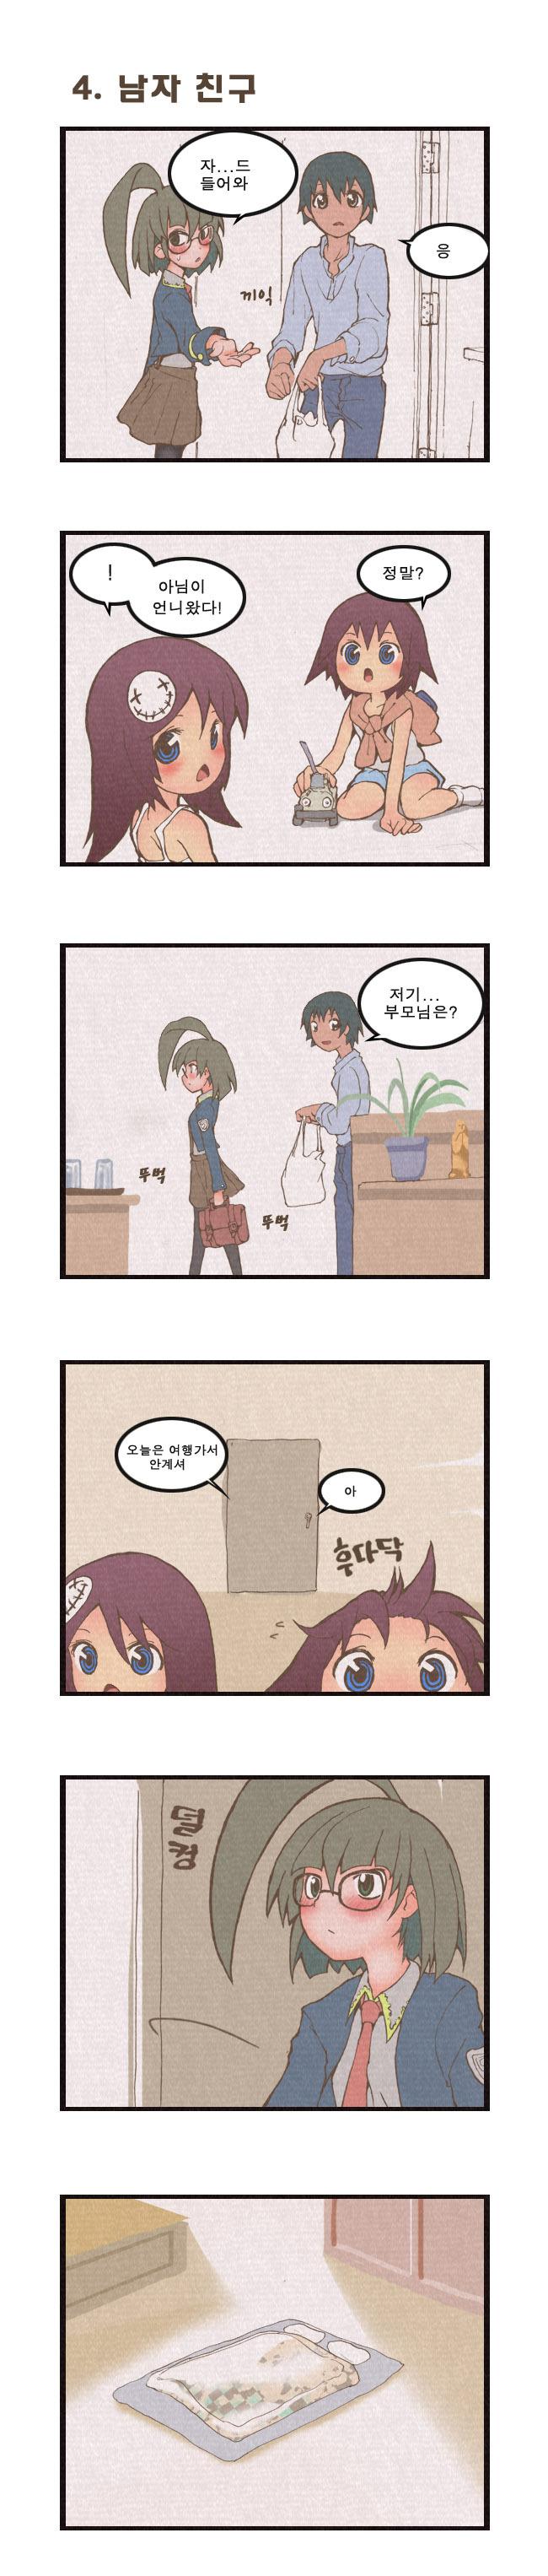 WooSaGui_04-1.jpg